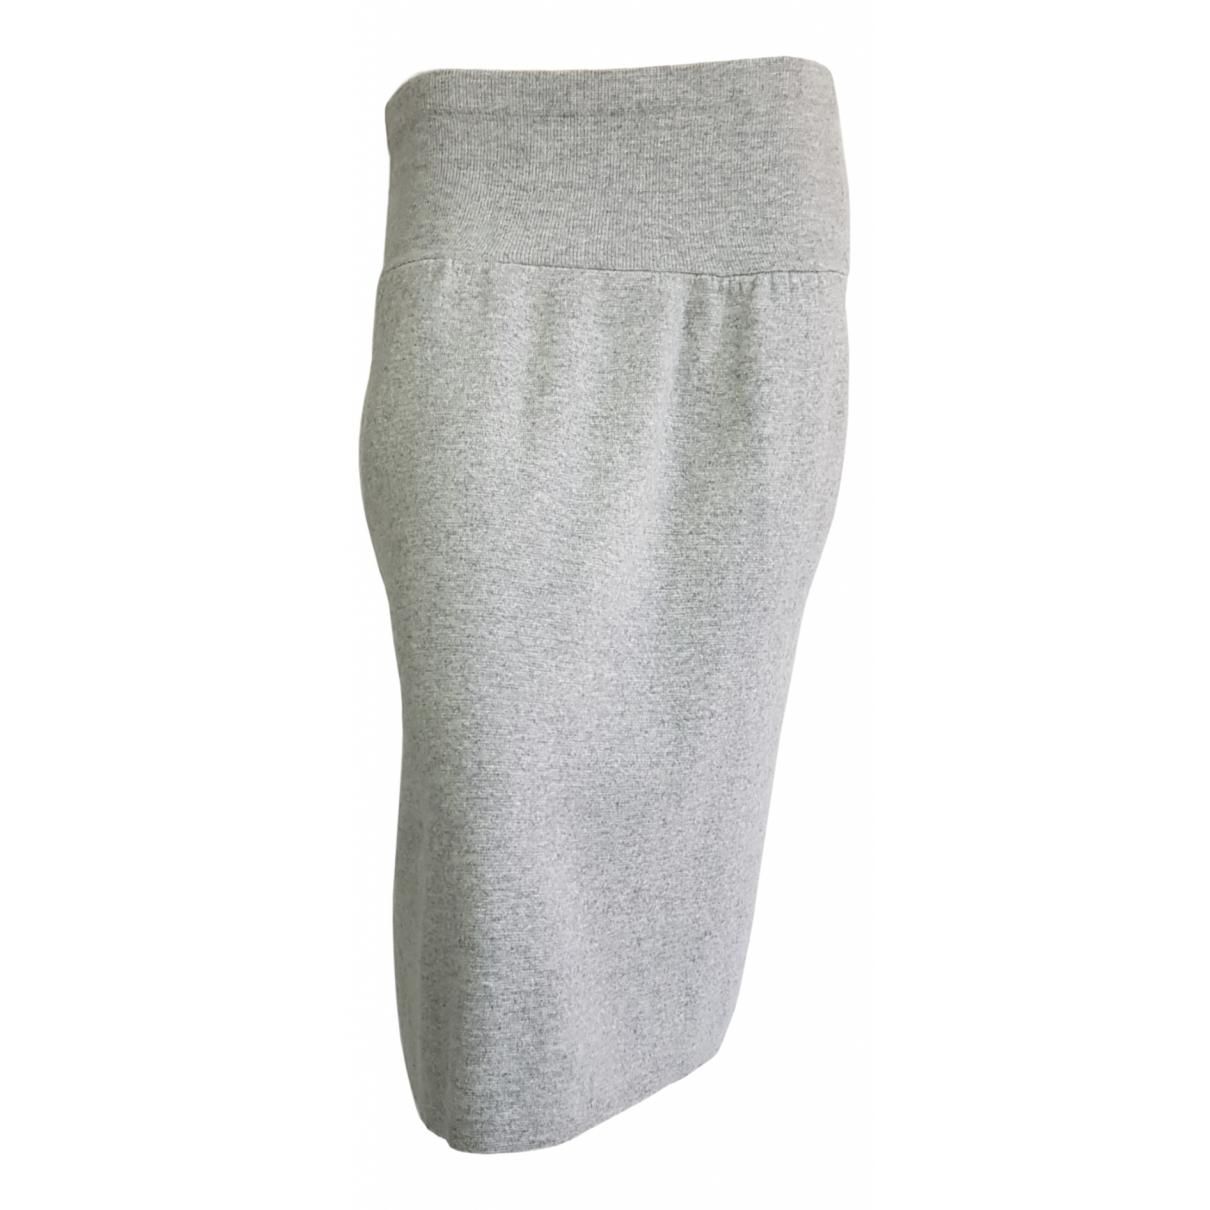 Joseph \N Grey Wool skirt for Women M International